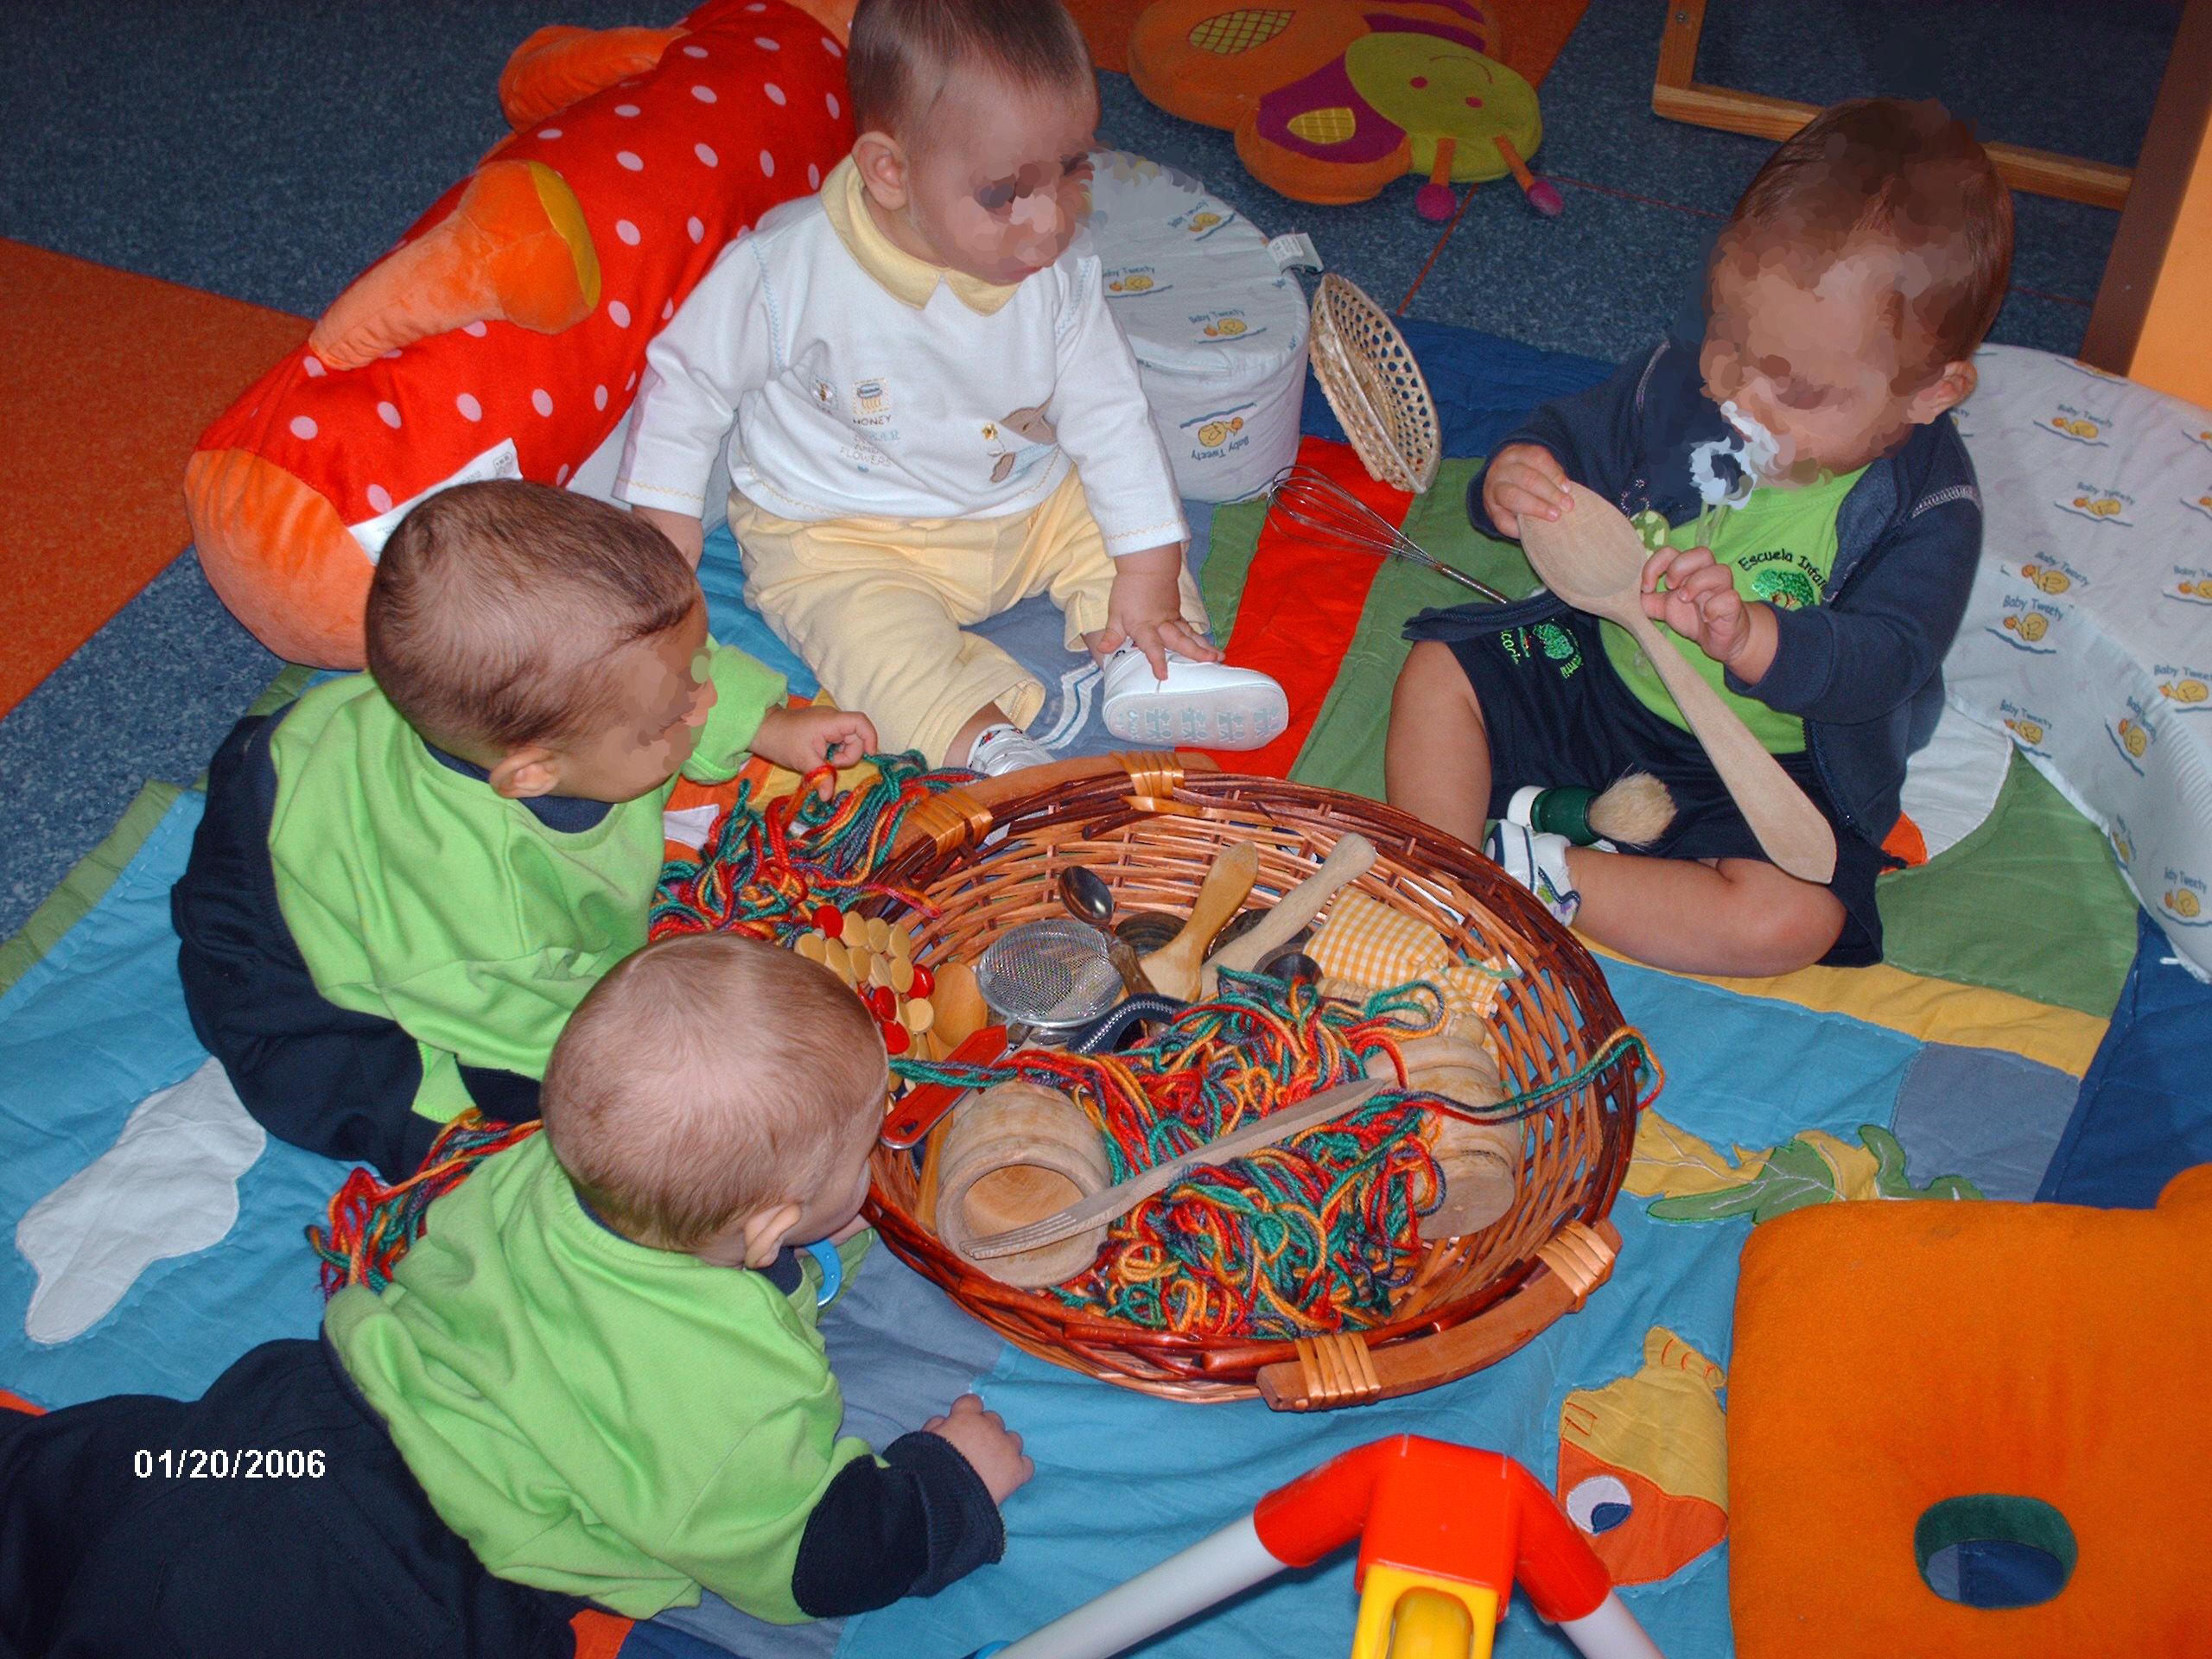 Rincón de juegos: Servicios y actividades de Acacias Escuela Infantil